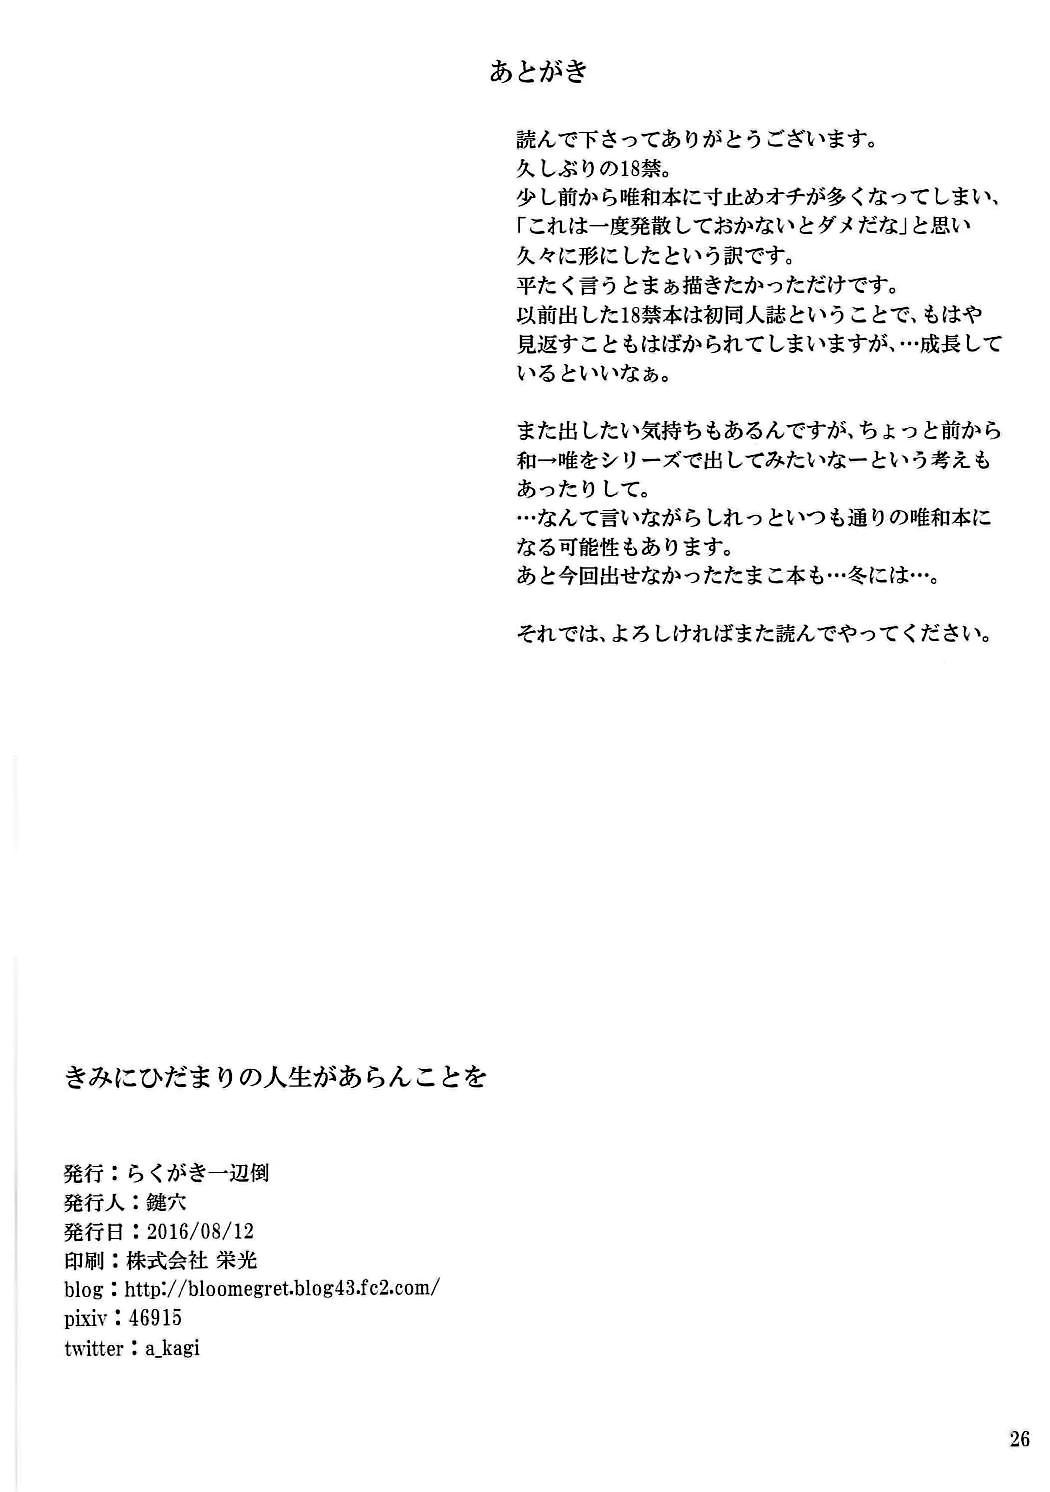 Kimi ni Hidamari no Jinsei ga Aran Koto o 26